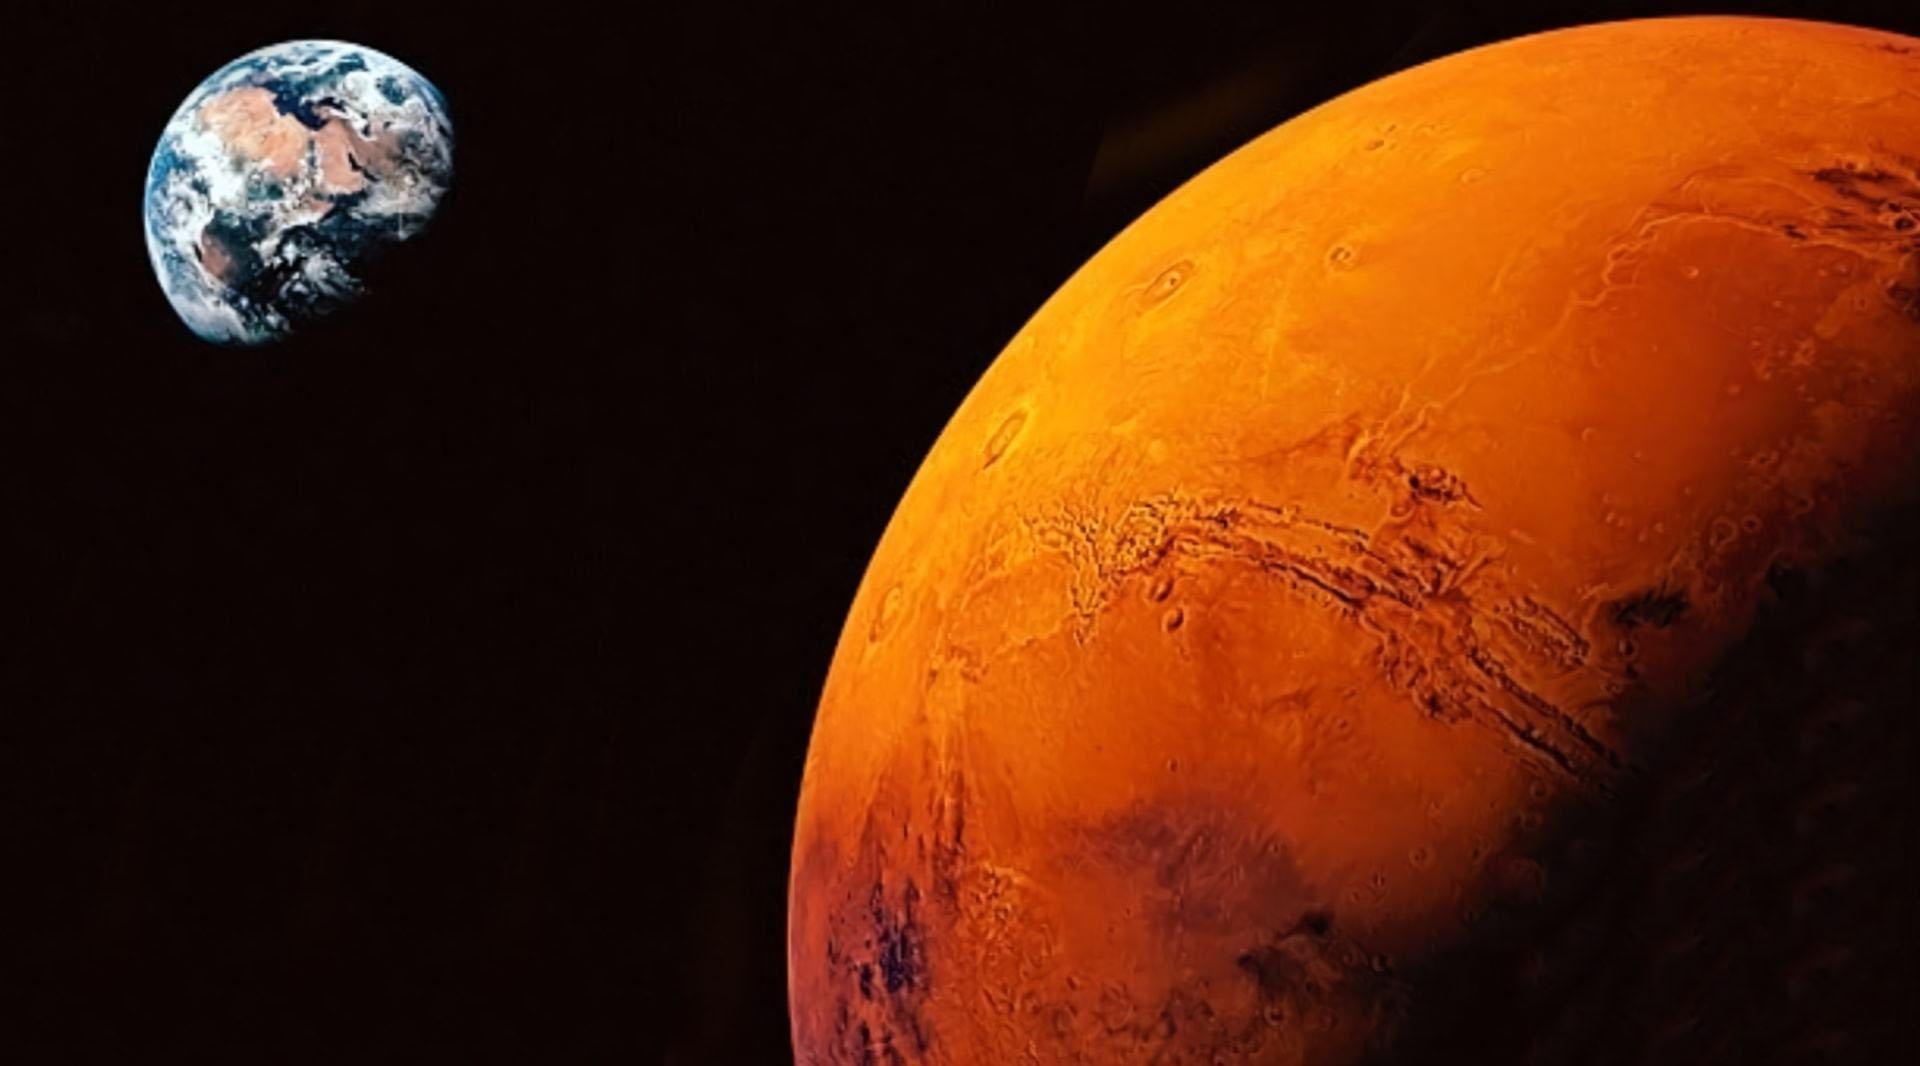 事实证明有生物可以在外太空中生存,或将颠覆我们对地外生命的认知-第1张图片-IT新视野